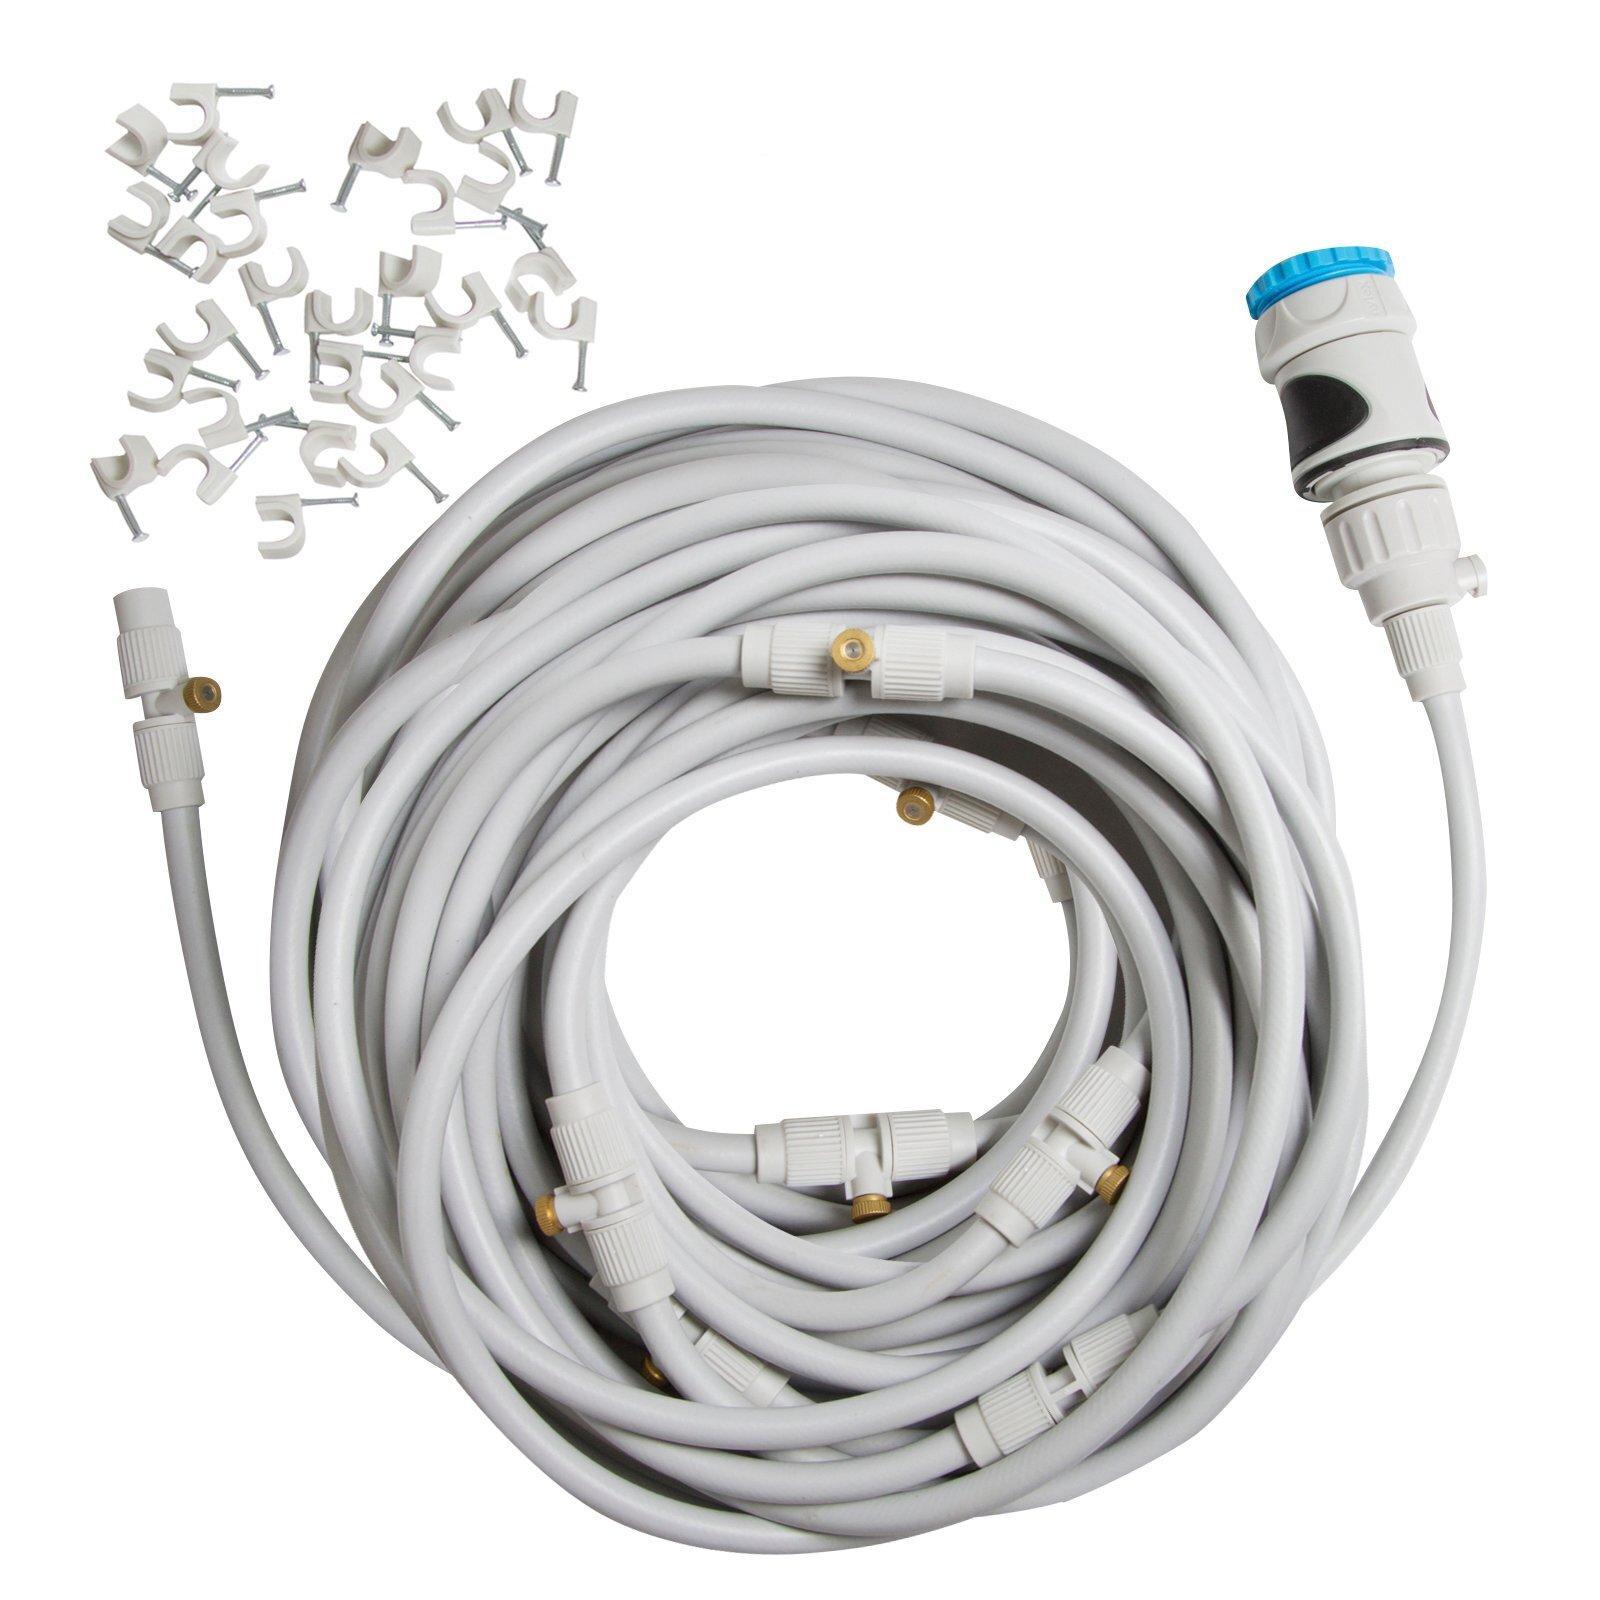 Nylex 24m Premium Misting System